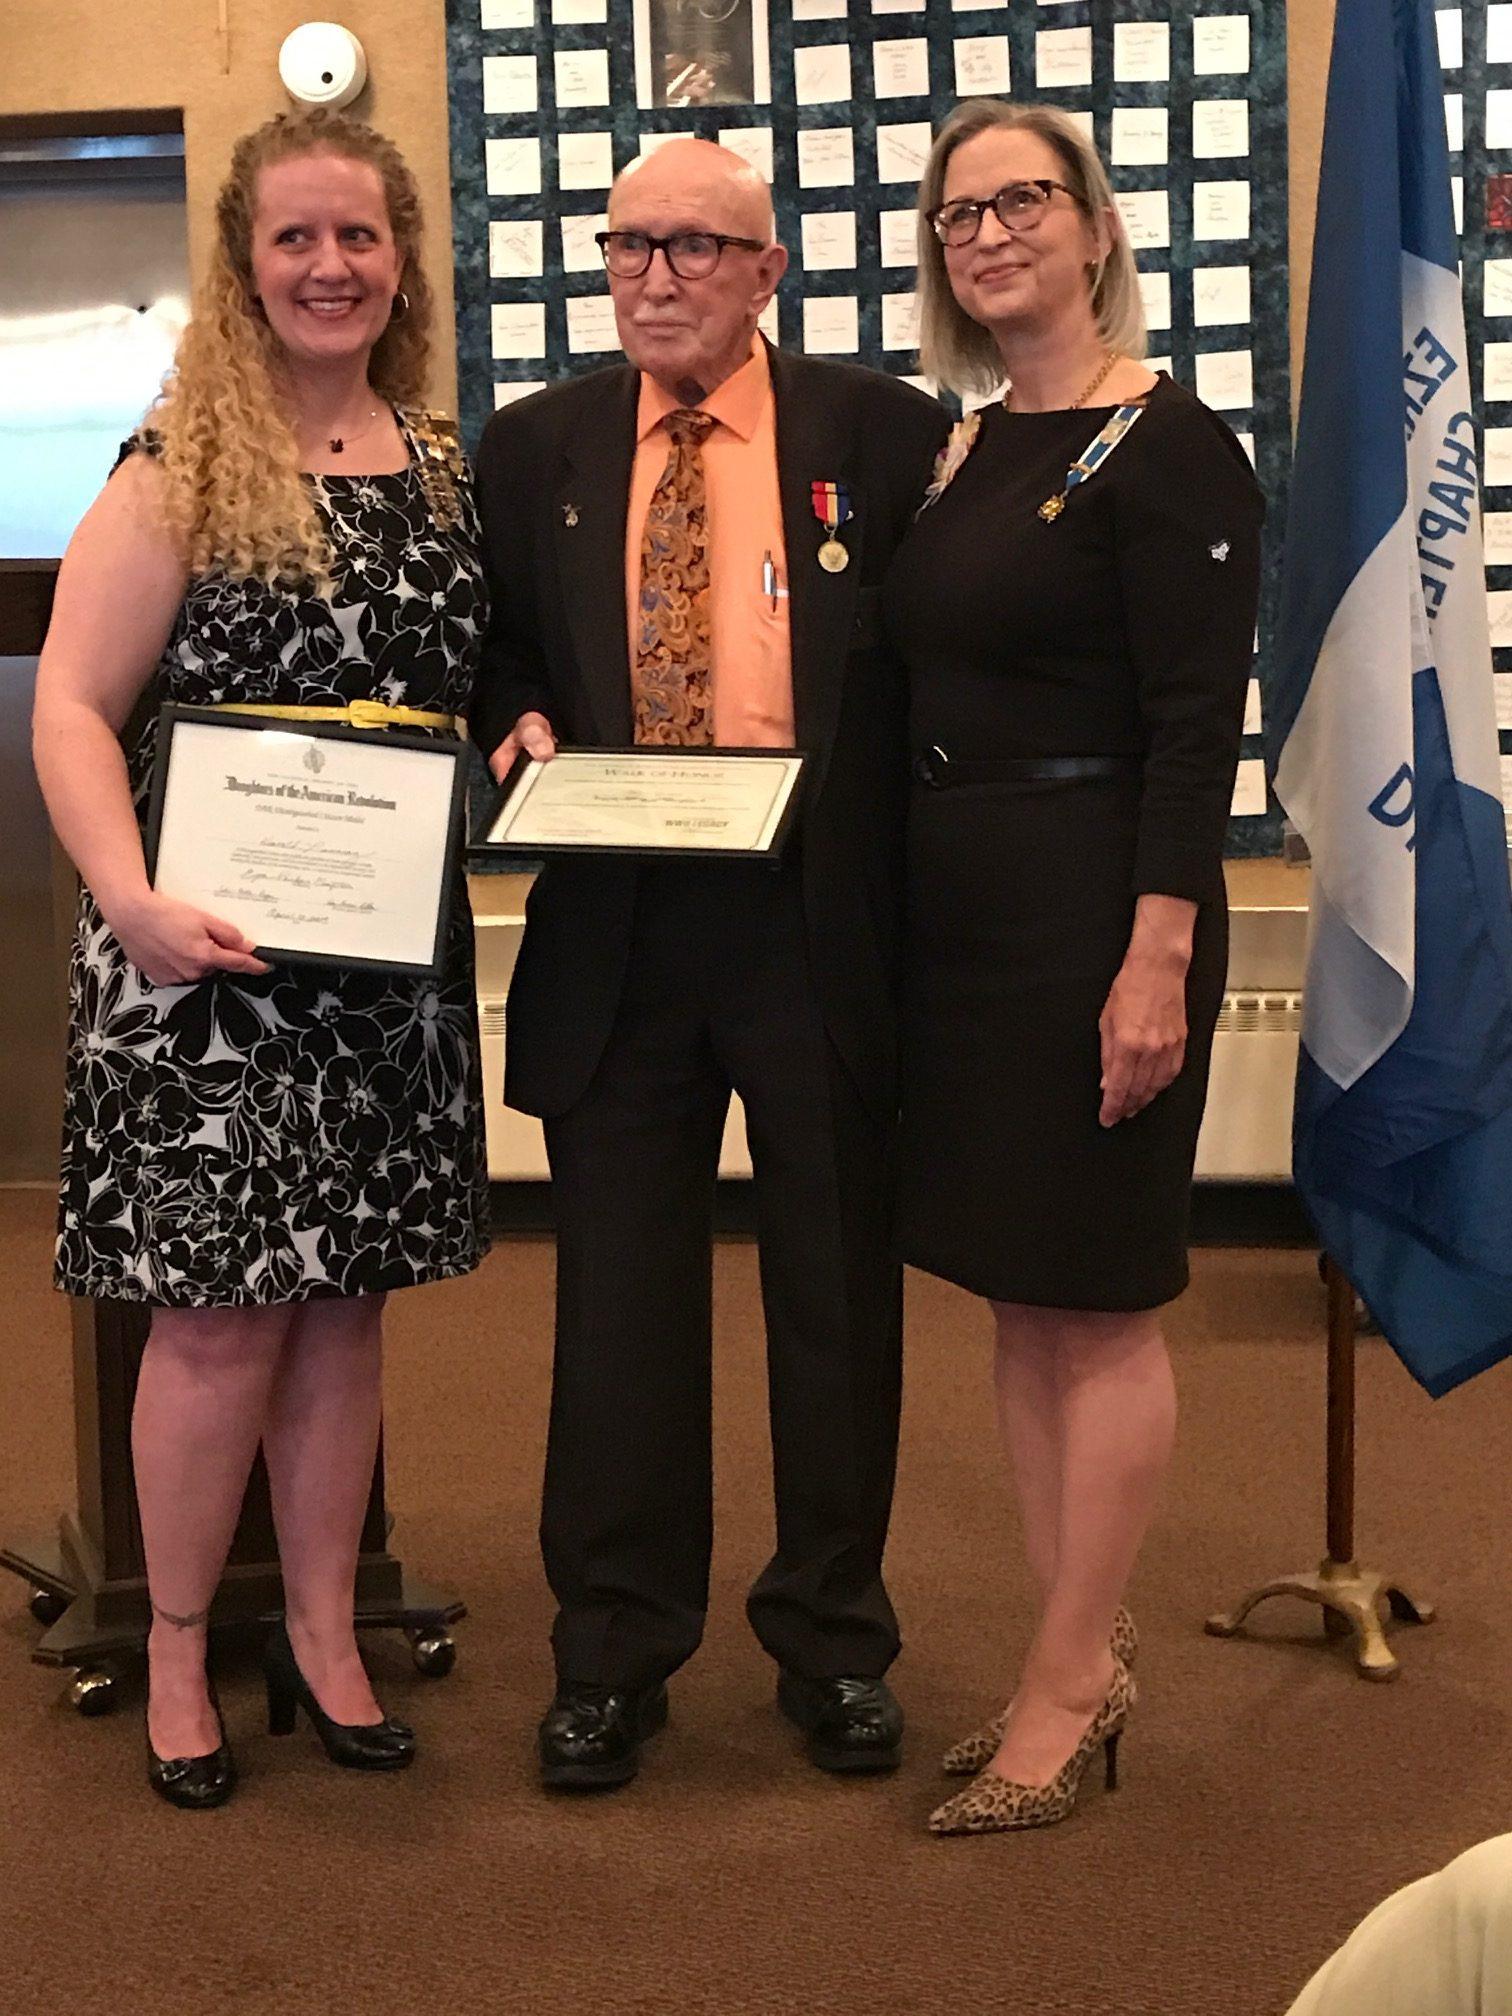 DAR Distinguished Citizen Medal